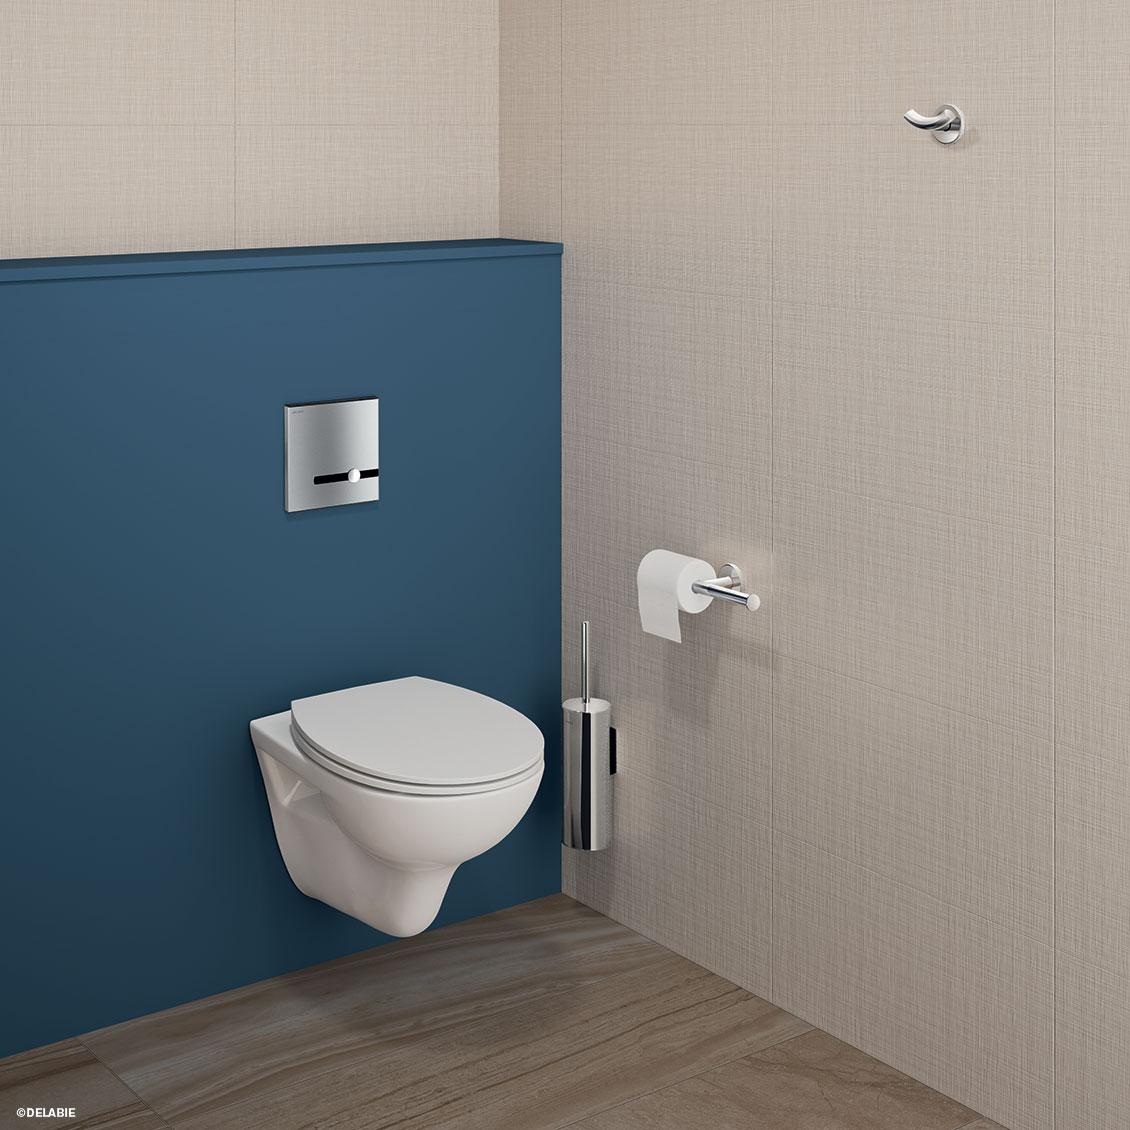 Toalety w biurze